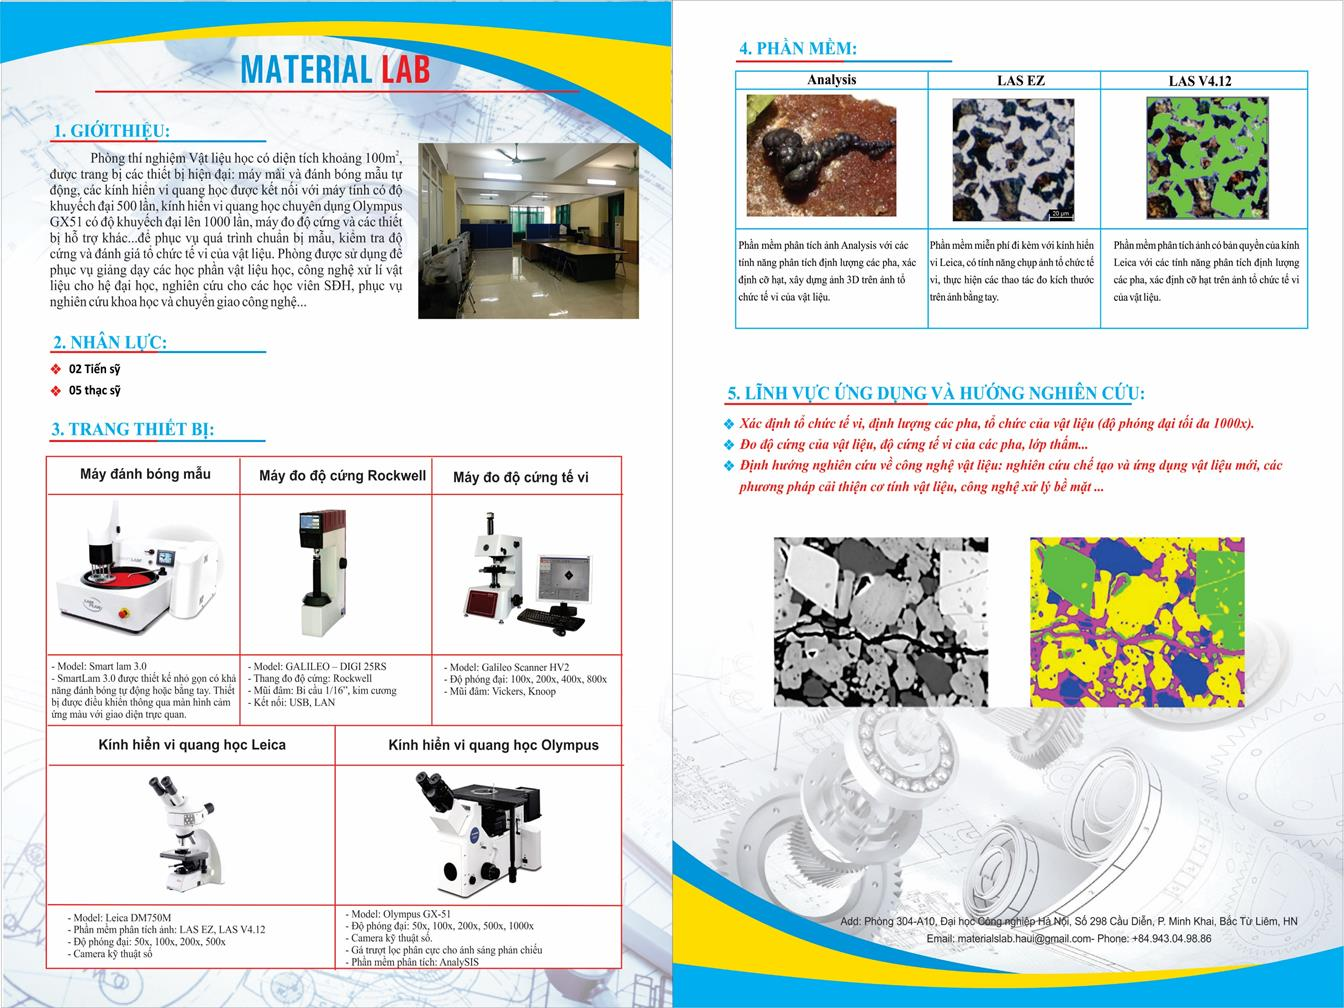 Giới thiệu các phòng thí nghiệm của Khoa Cơ khí